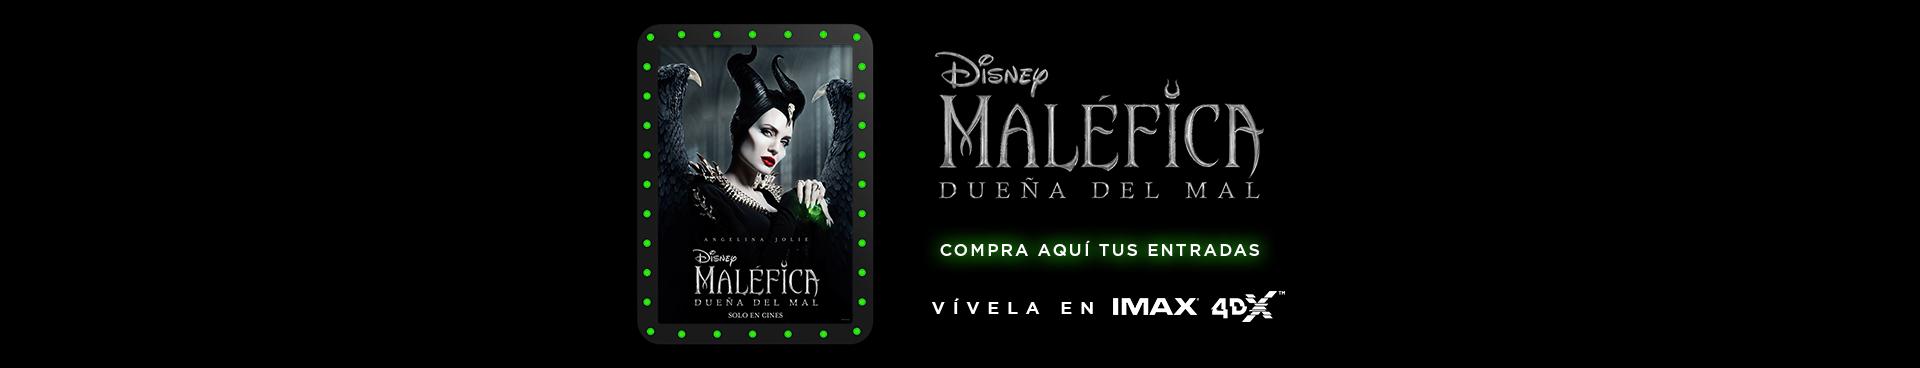 MALEFICA: DUEÑA DEL MAL, VIVELA EN IMAX Y 4DX, COMPRA AQUÍ TUS ENTRADAS